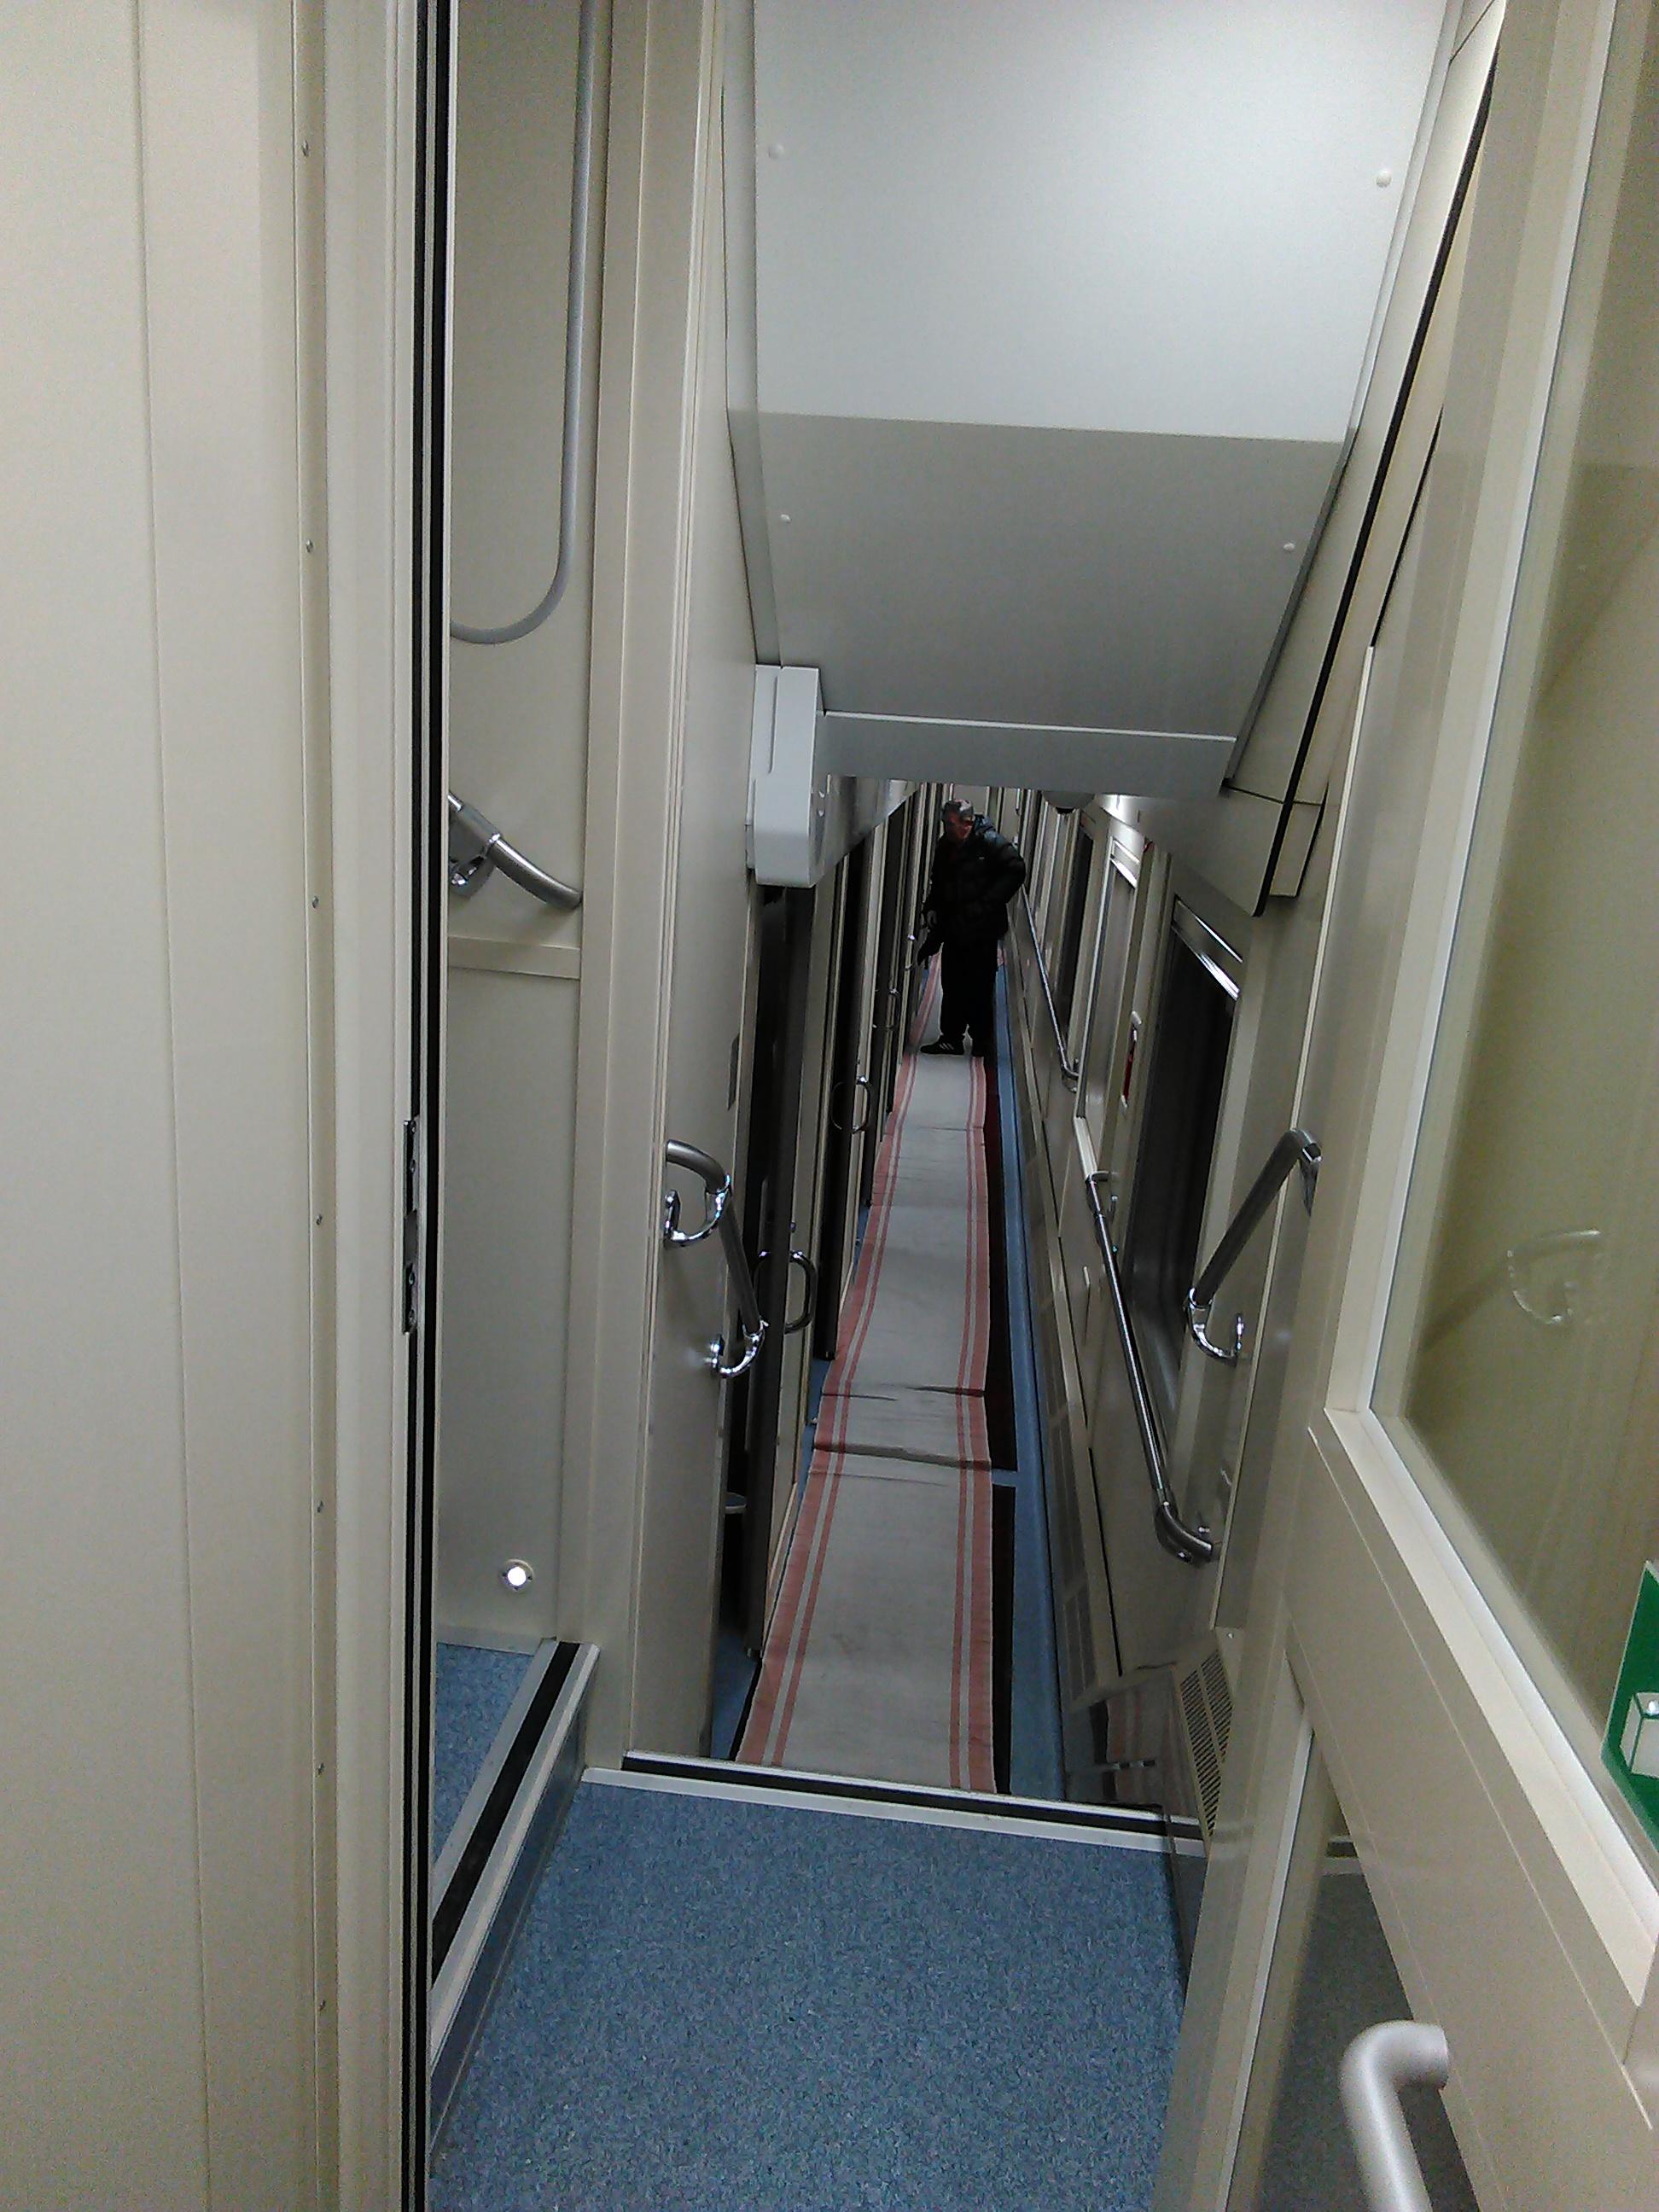 среди молодых фото двухэтажного поезда самара москва используют приёмы высмеивания